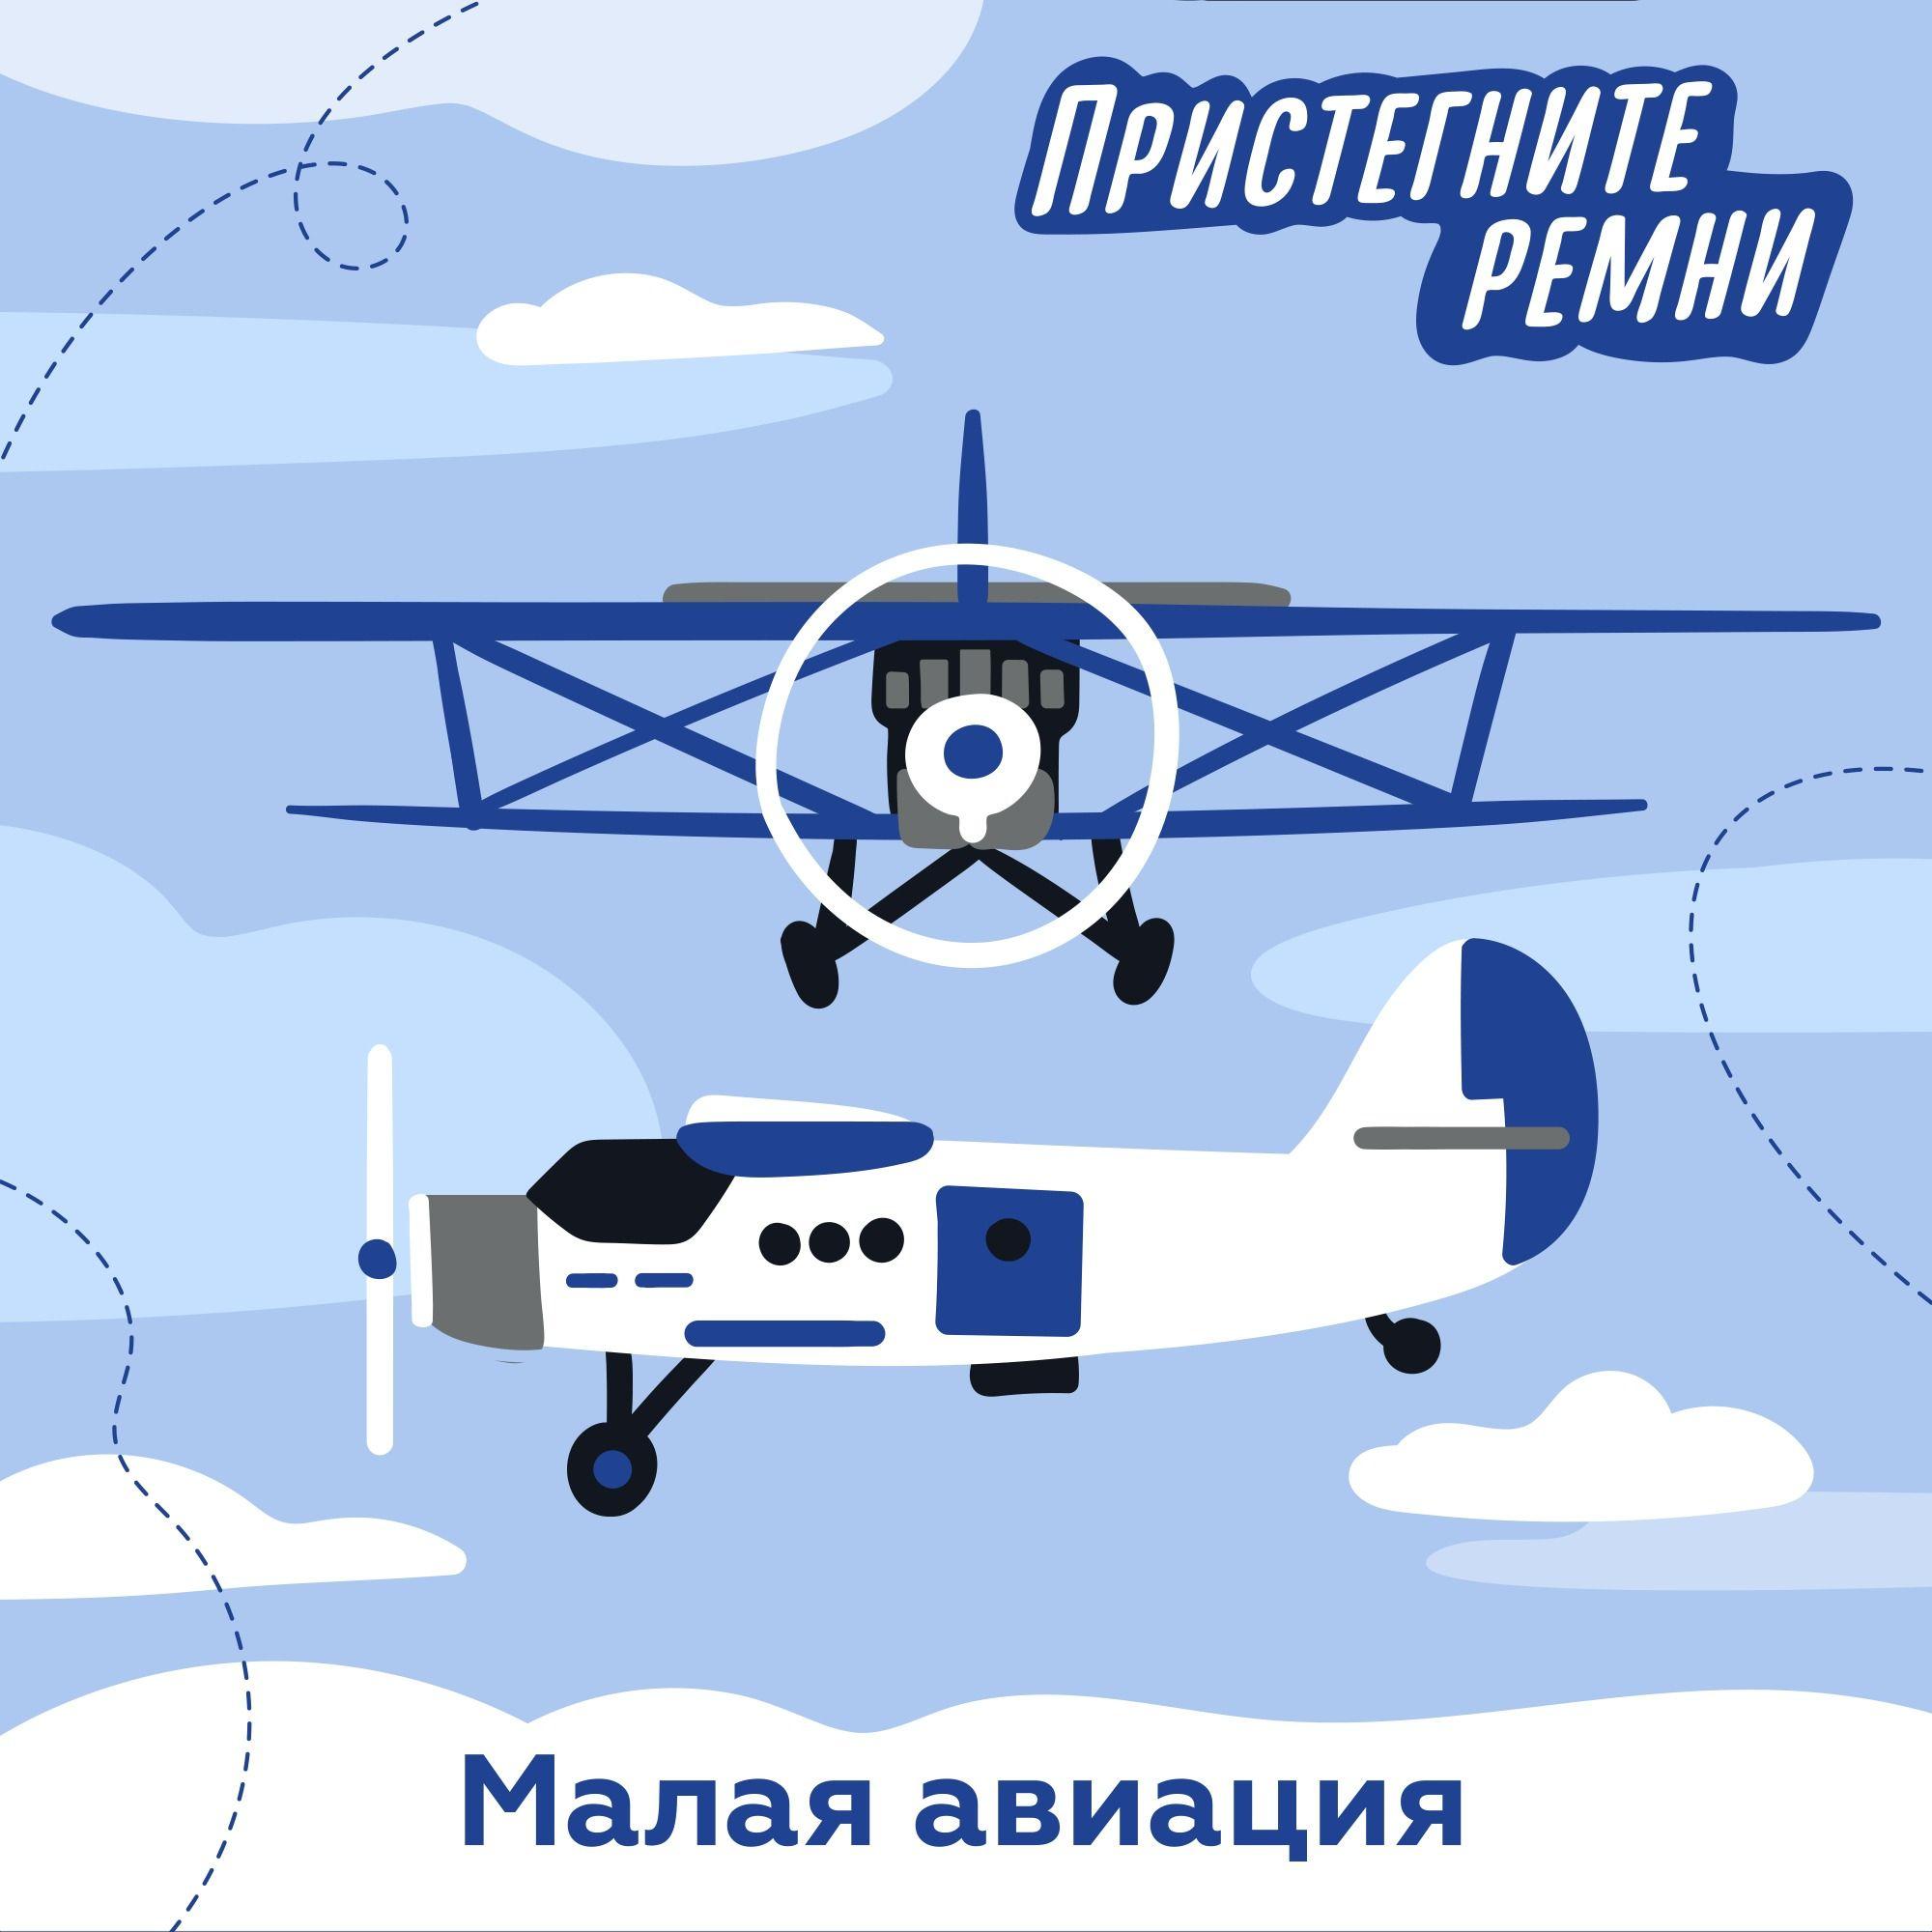 Большие вопросы про малую авиацию